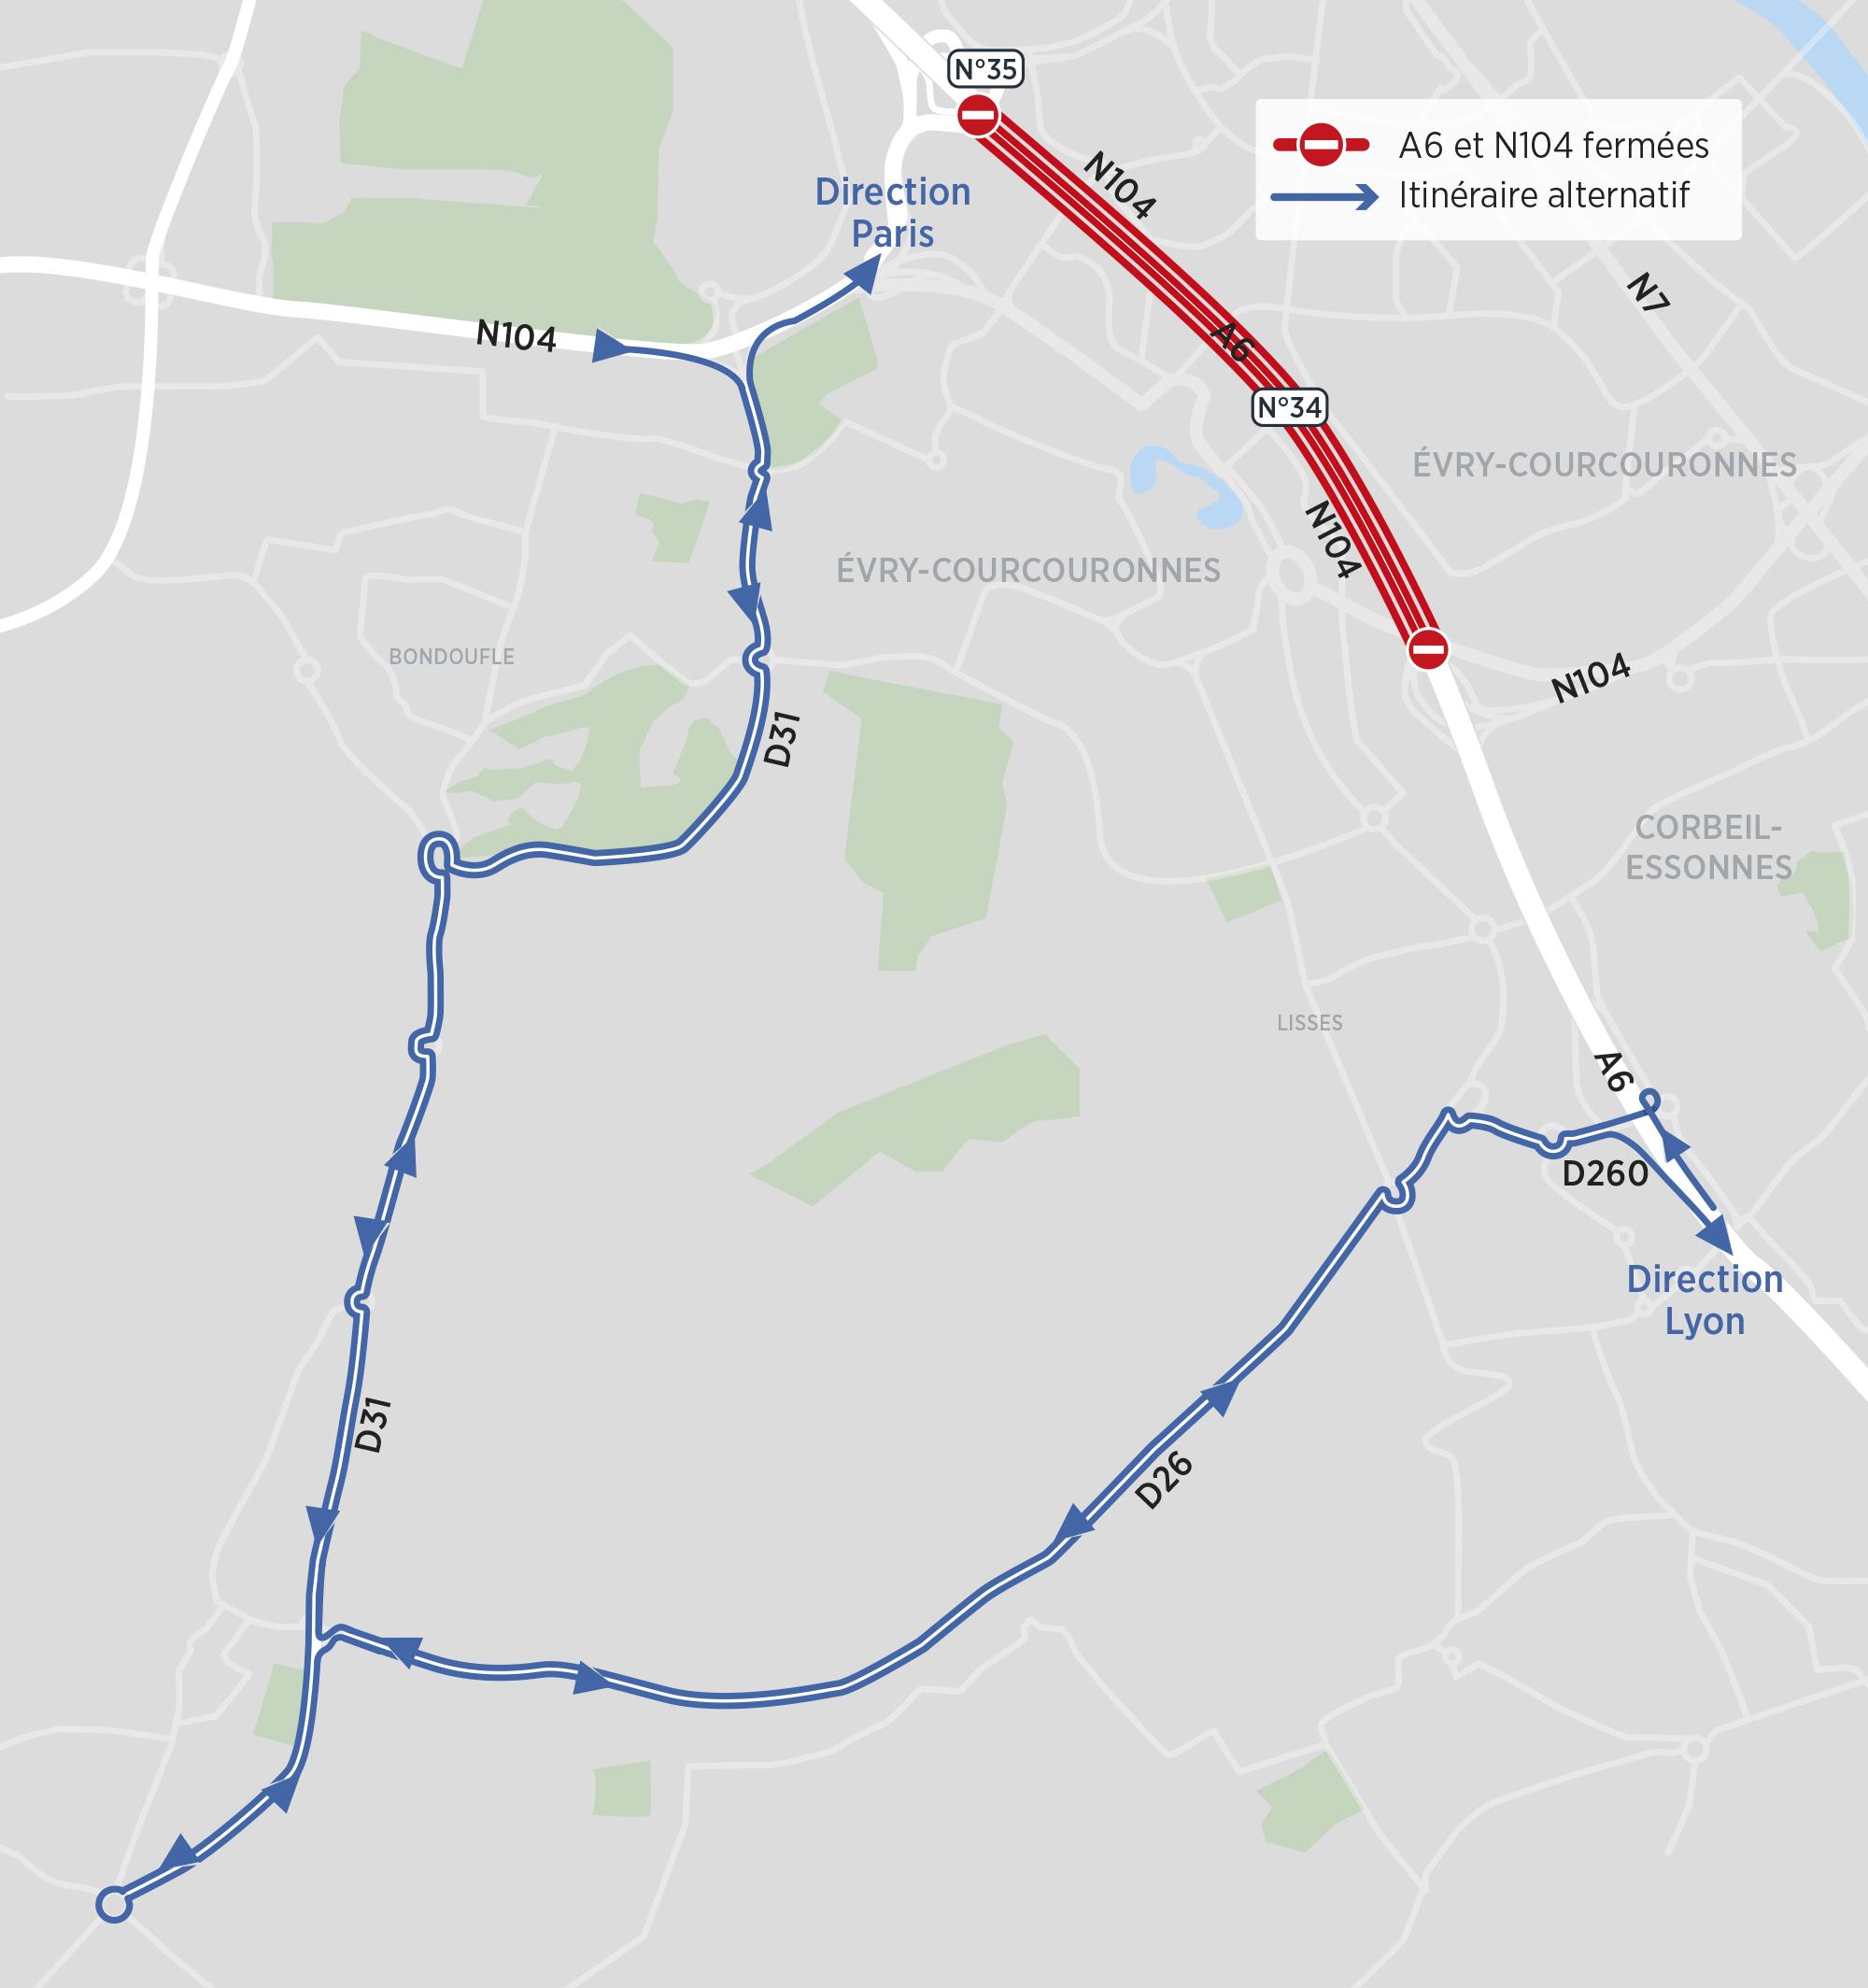 Fermetures A6 et N104 - itinéraire alternatif